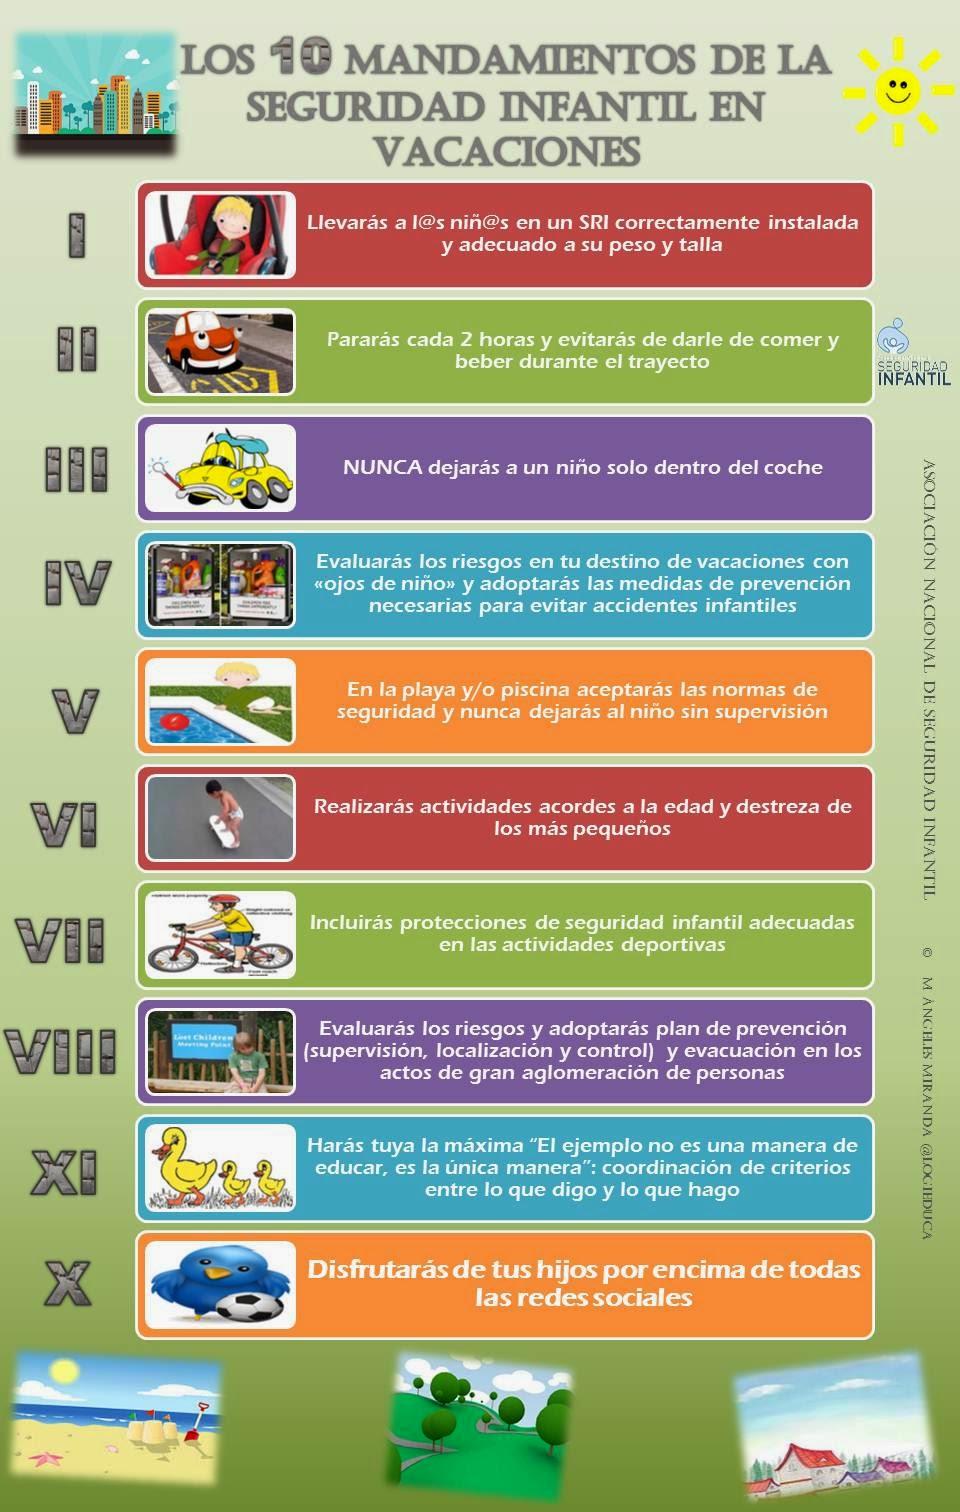 los 10 mandamientos de la seguridad infantil en vacaciones